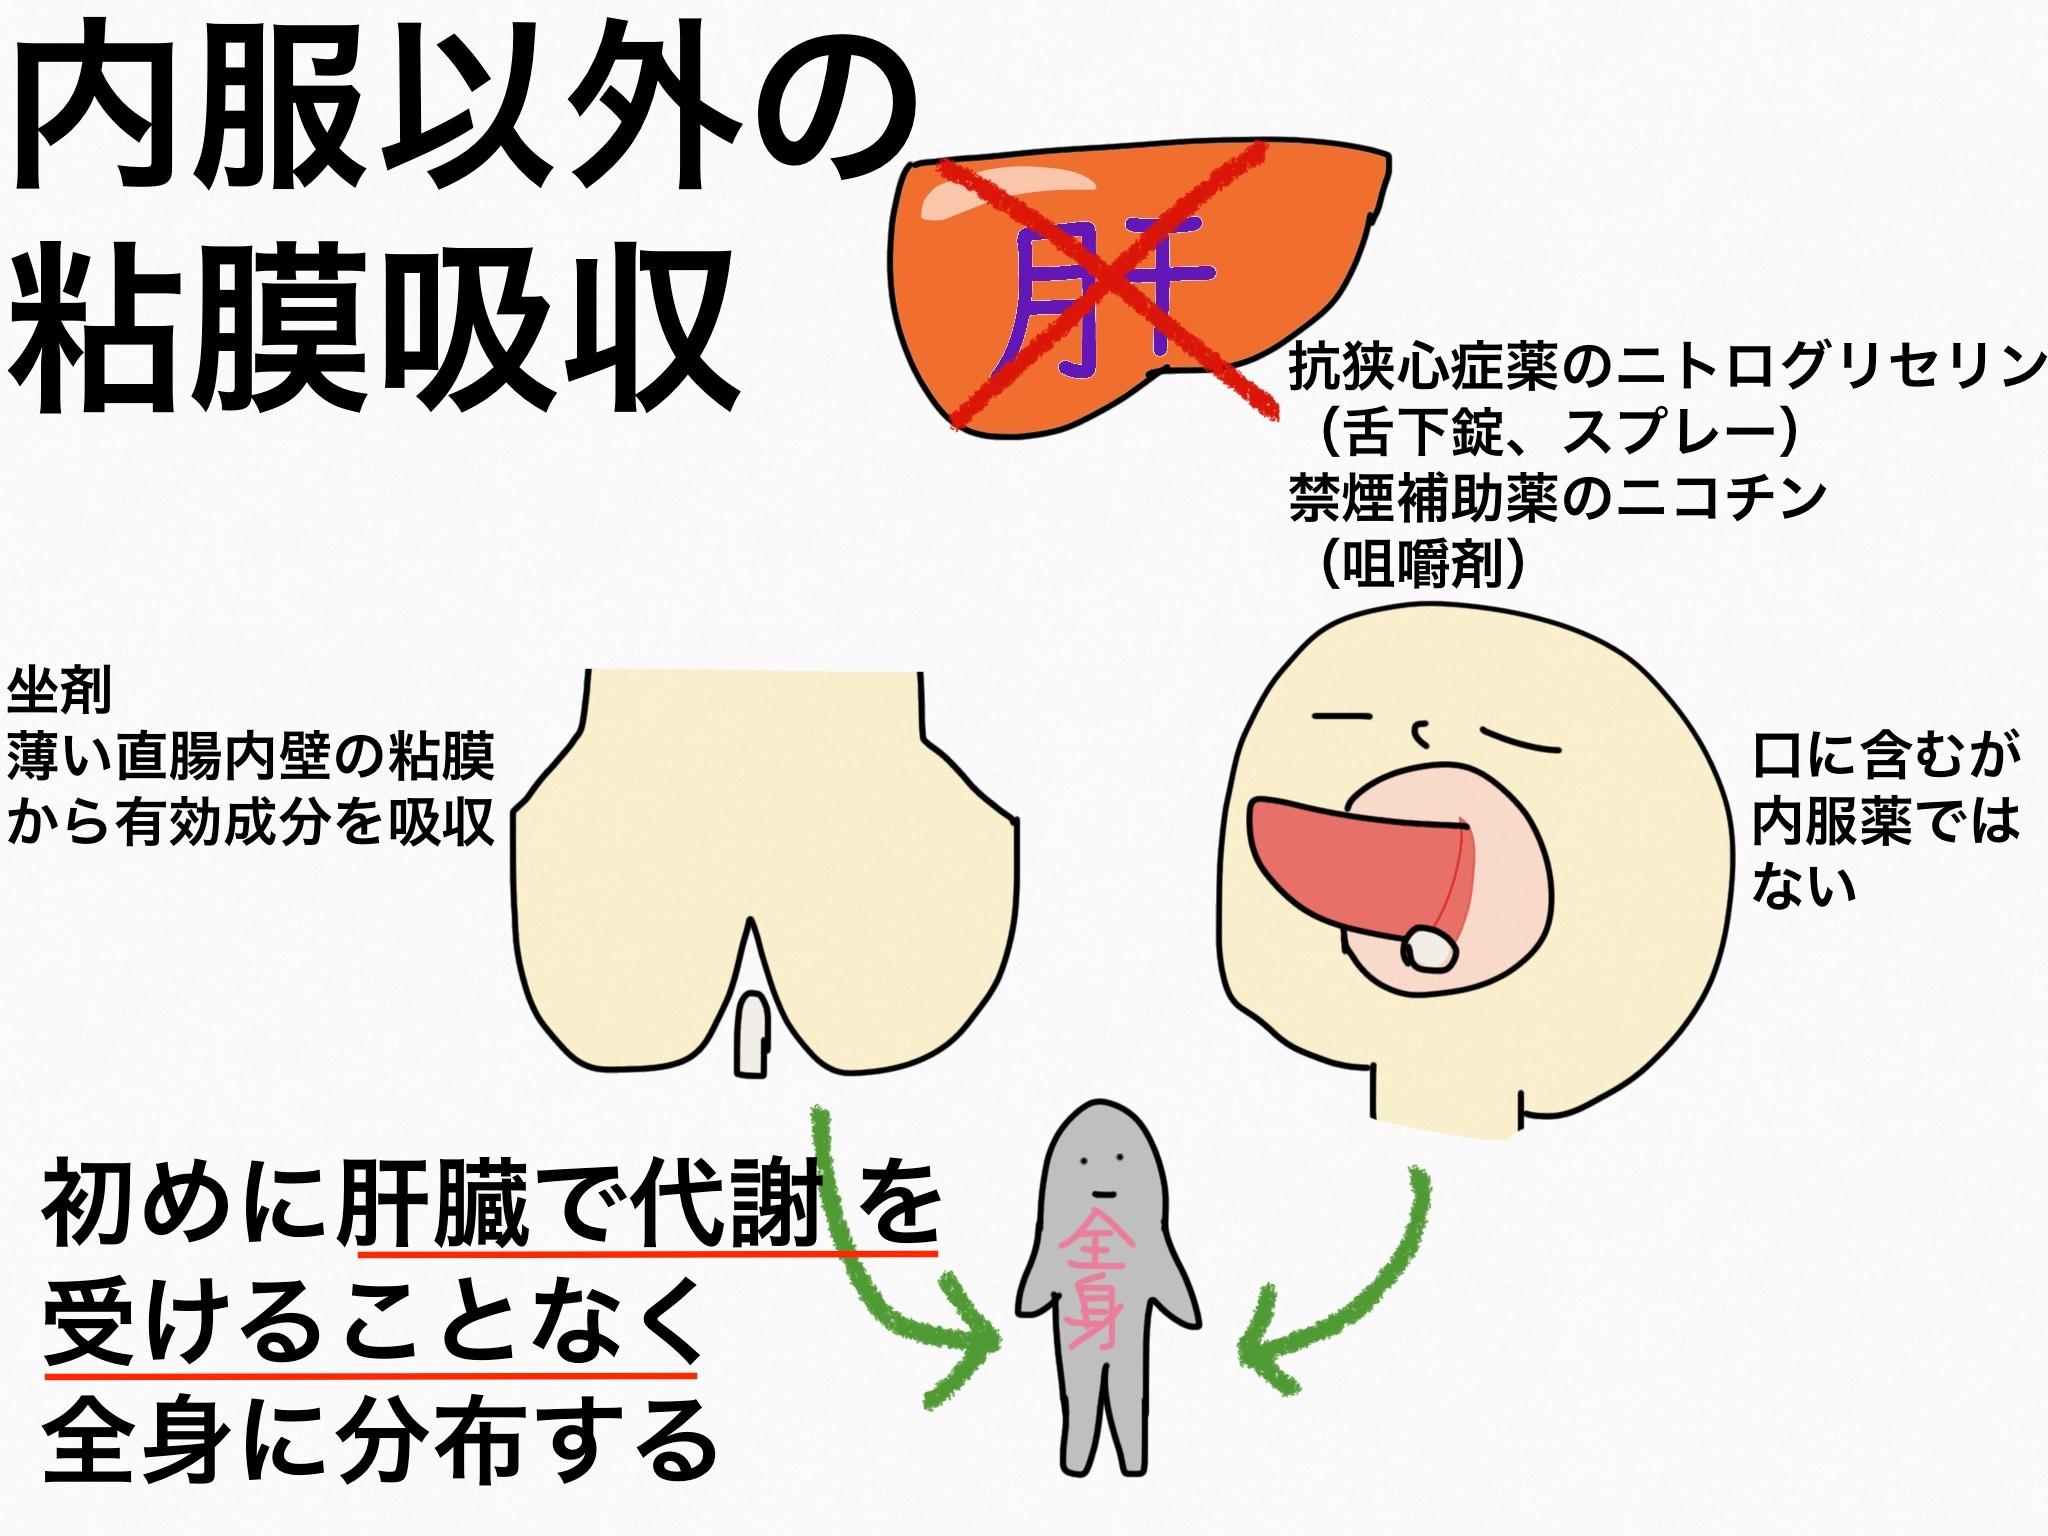 内服以外の用法における粘膜からの吸収【第2章の覚え方】